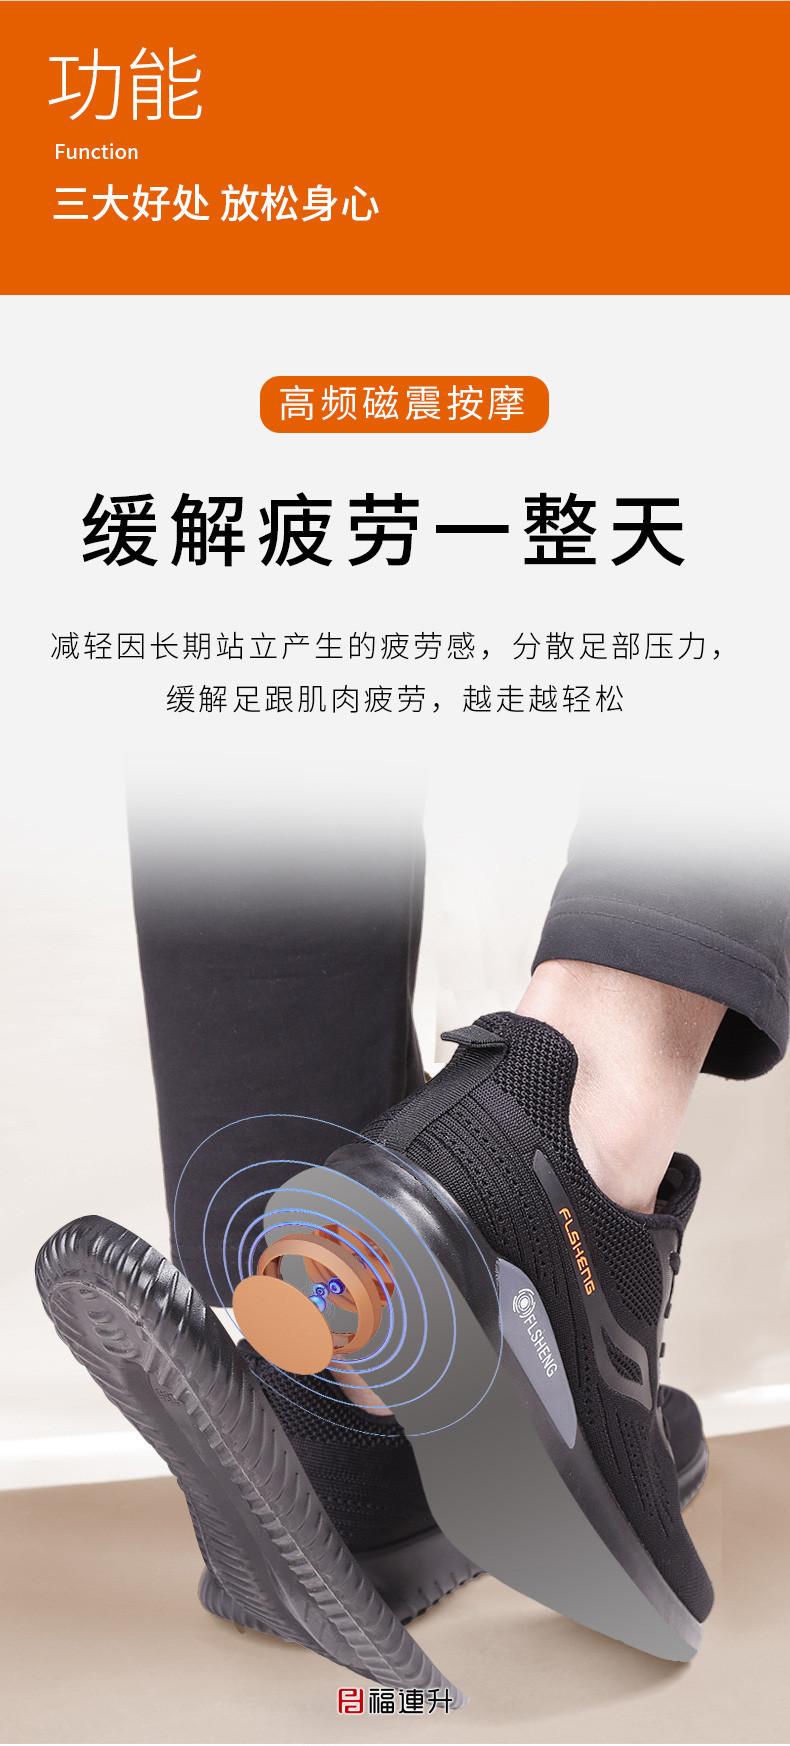 磁震舒适按摩休闲漫步鞋男棉麻透气运动鞋图片